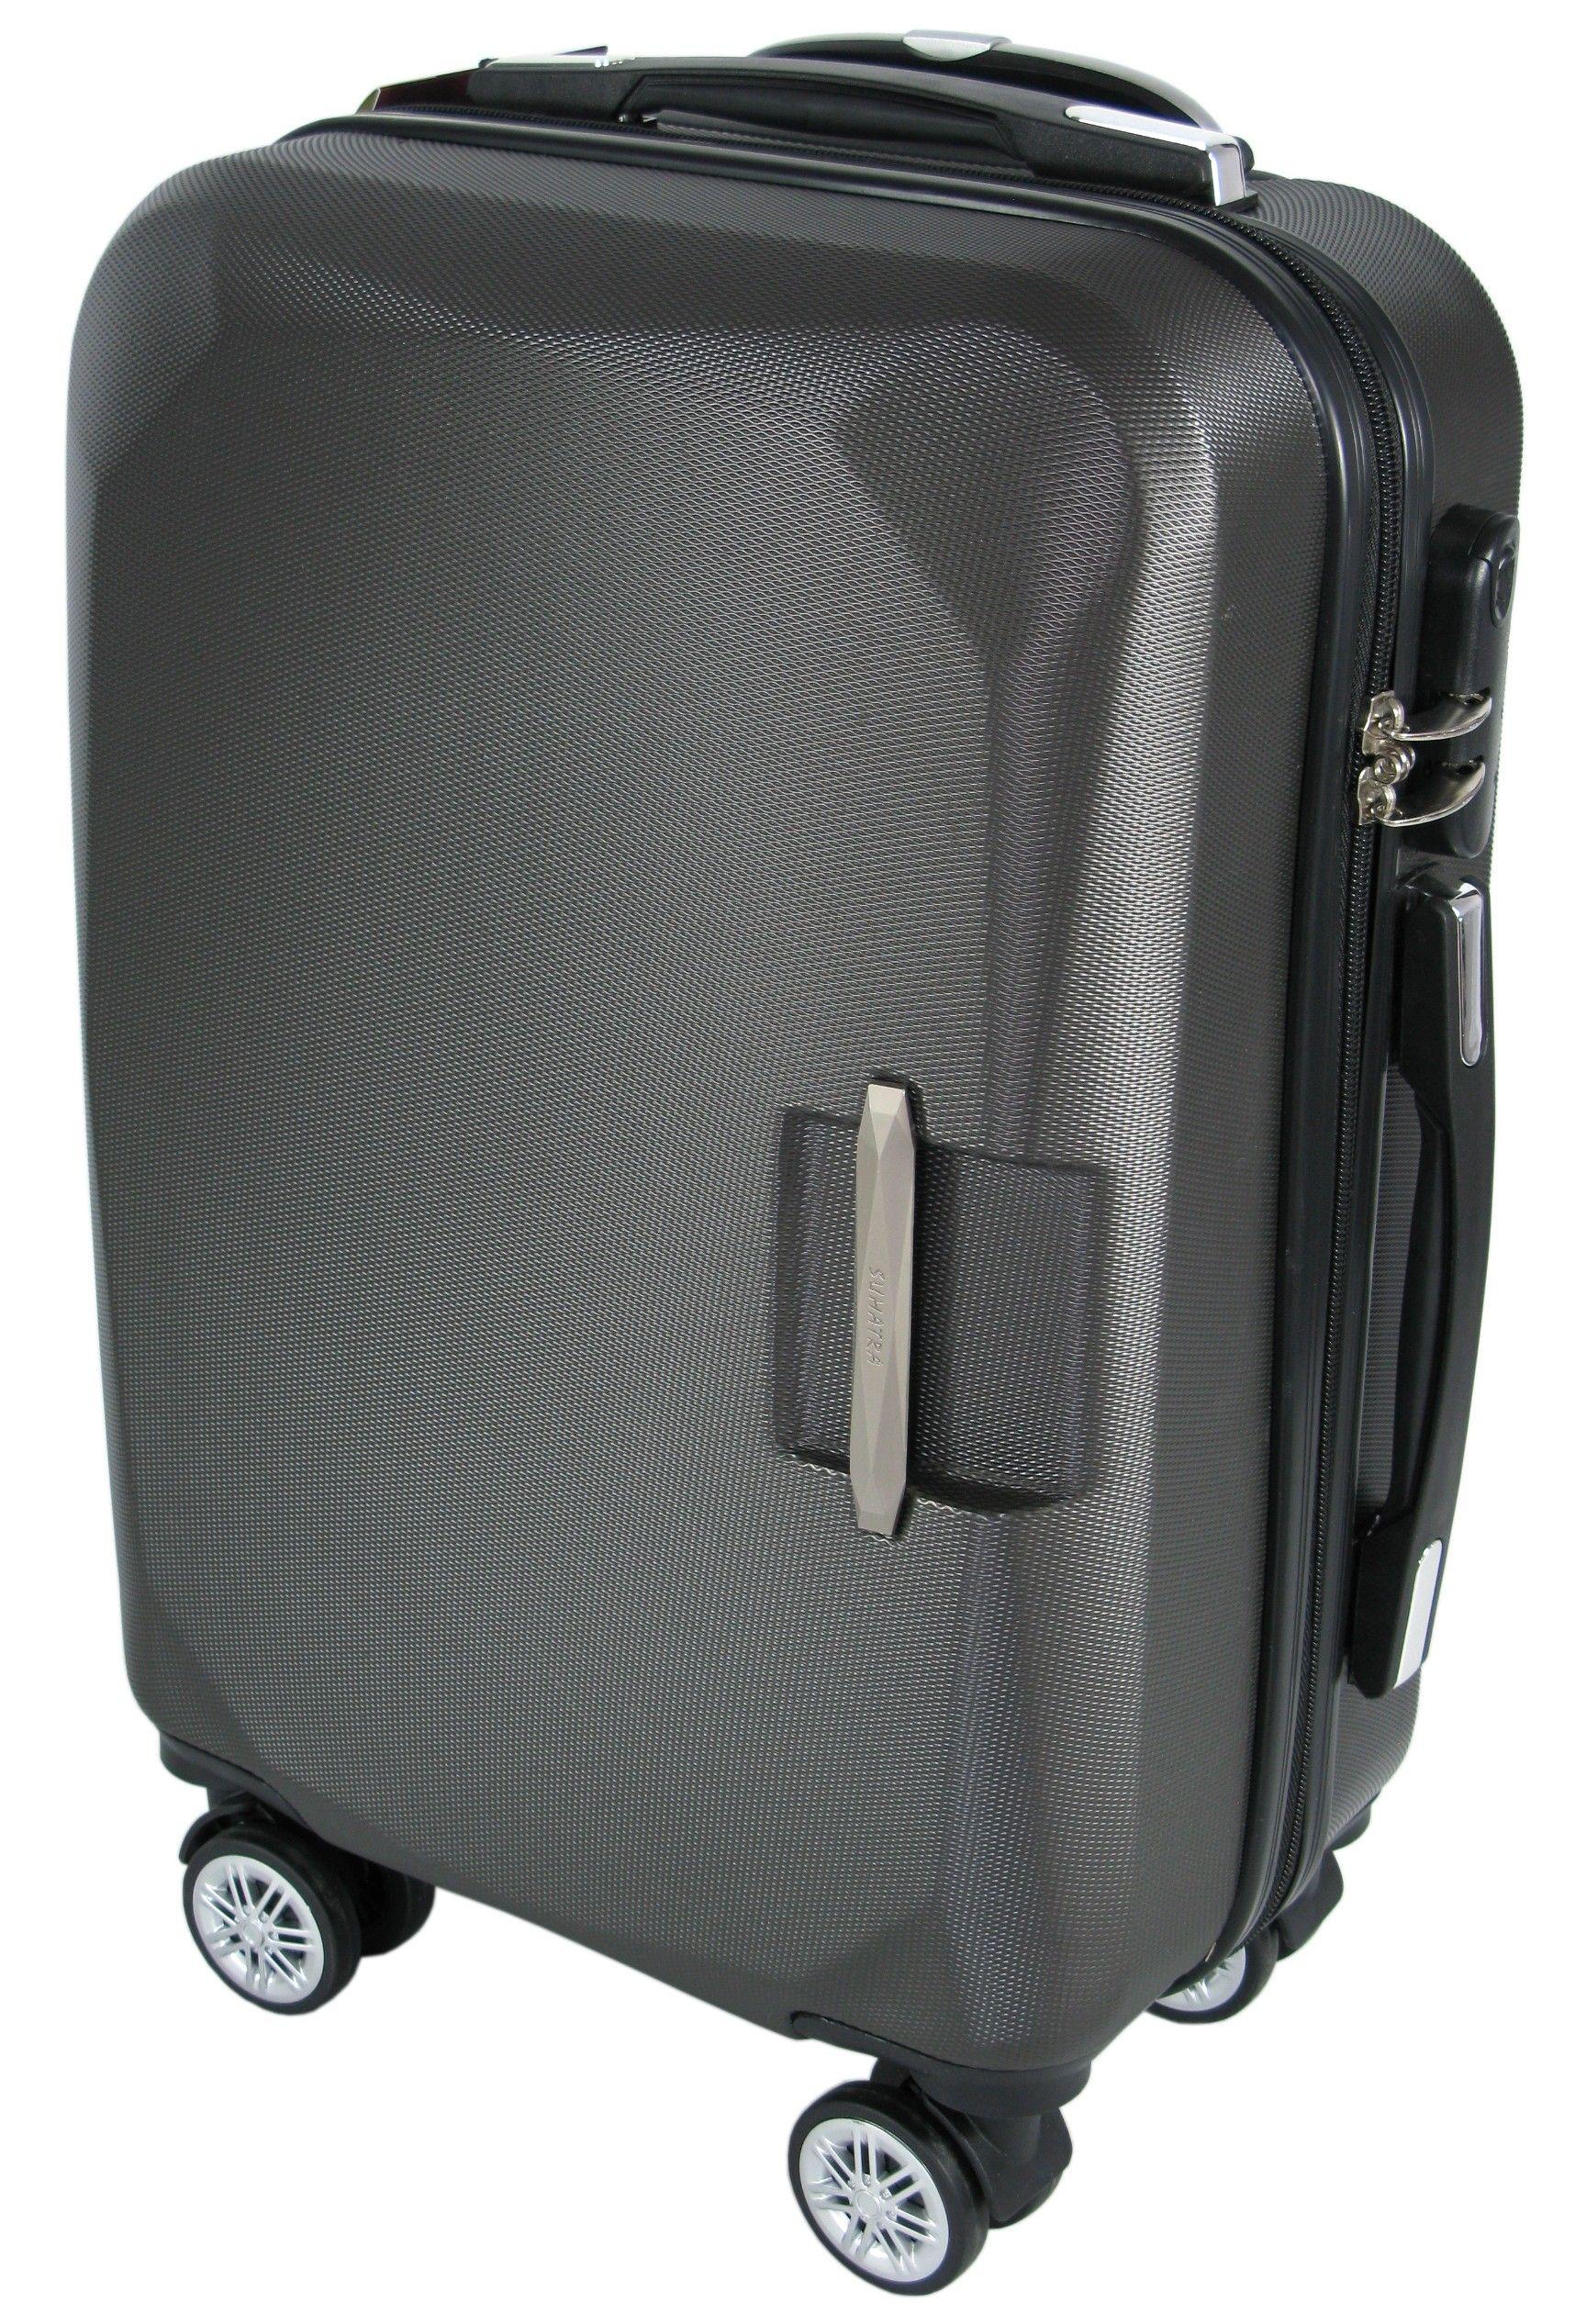 5e234a91034fe Mała walizka na kółkach SUMATRA ABS z zamkiem szyfrowym szara ...